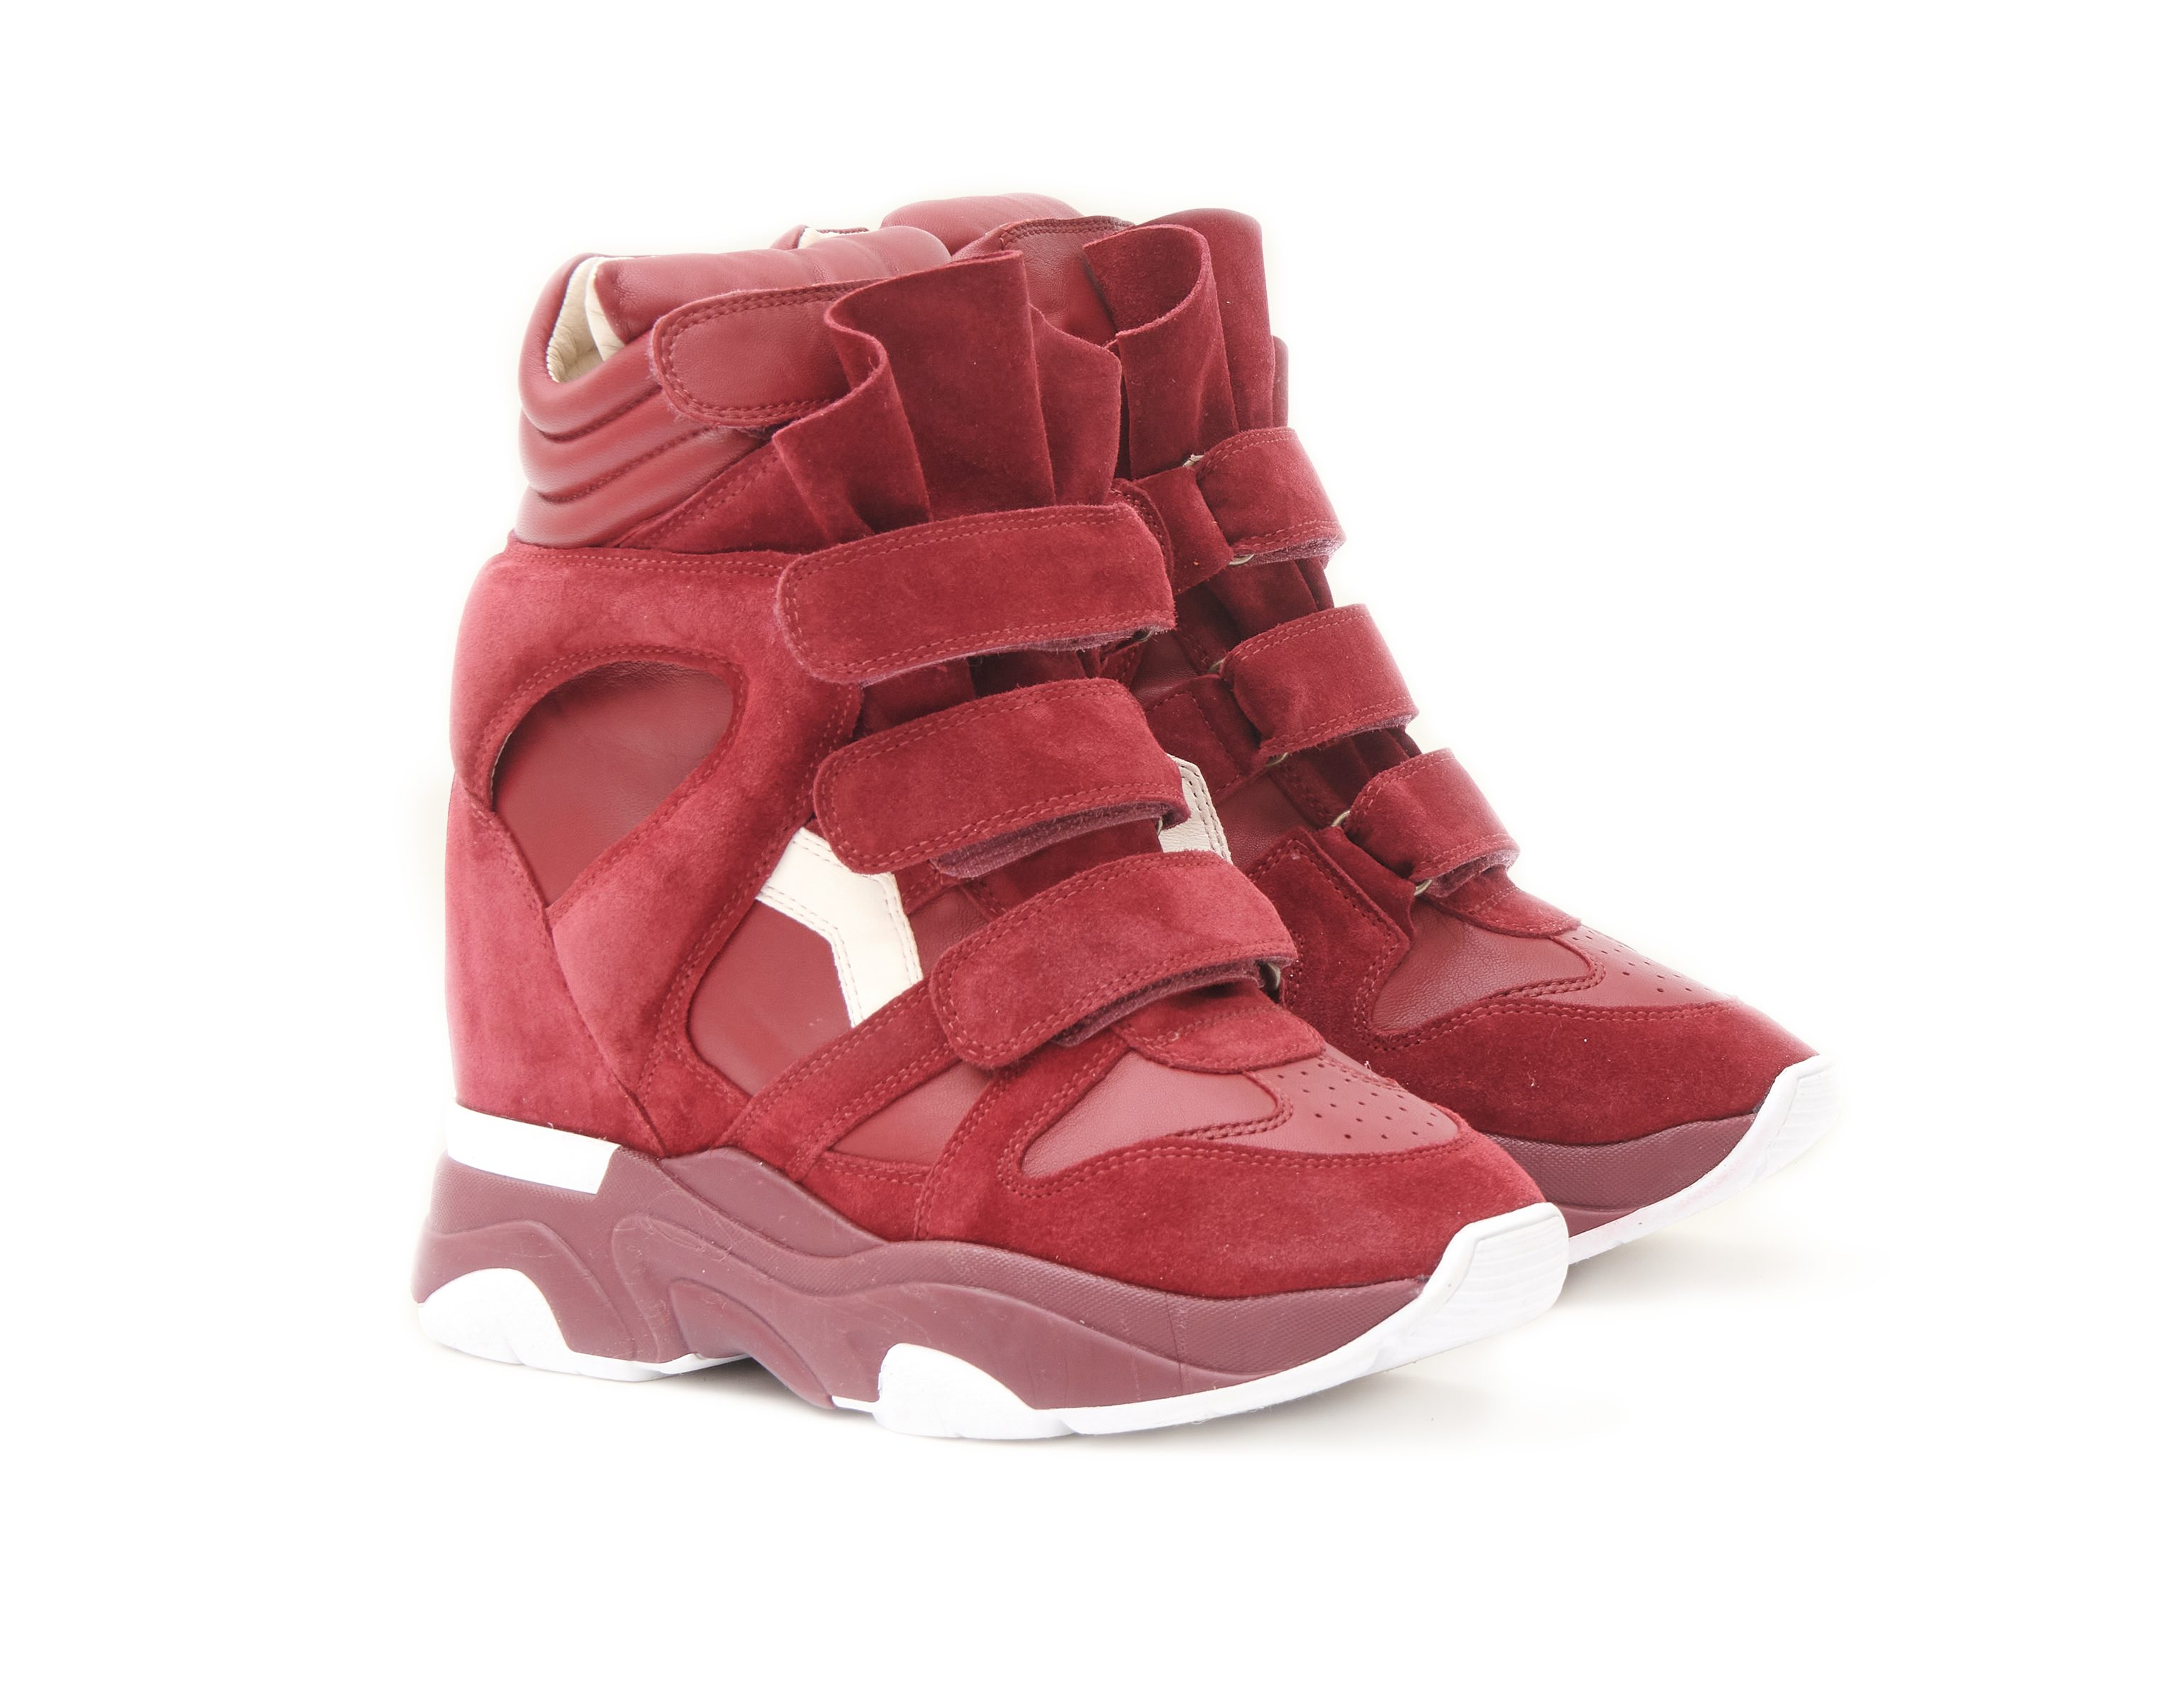 ایزابل مارانت کفش های کتانی جدید گوه: عکس